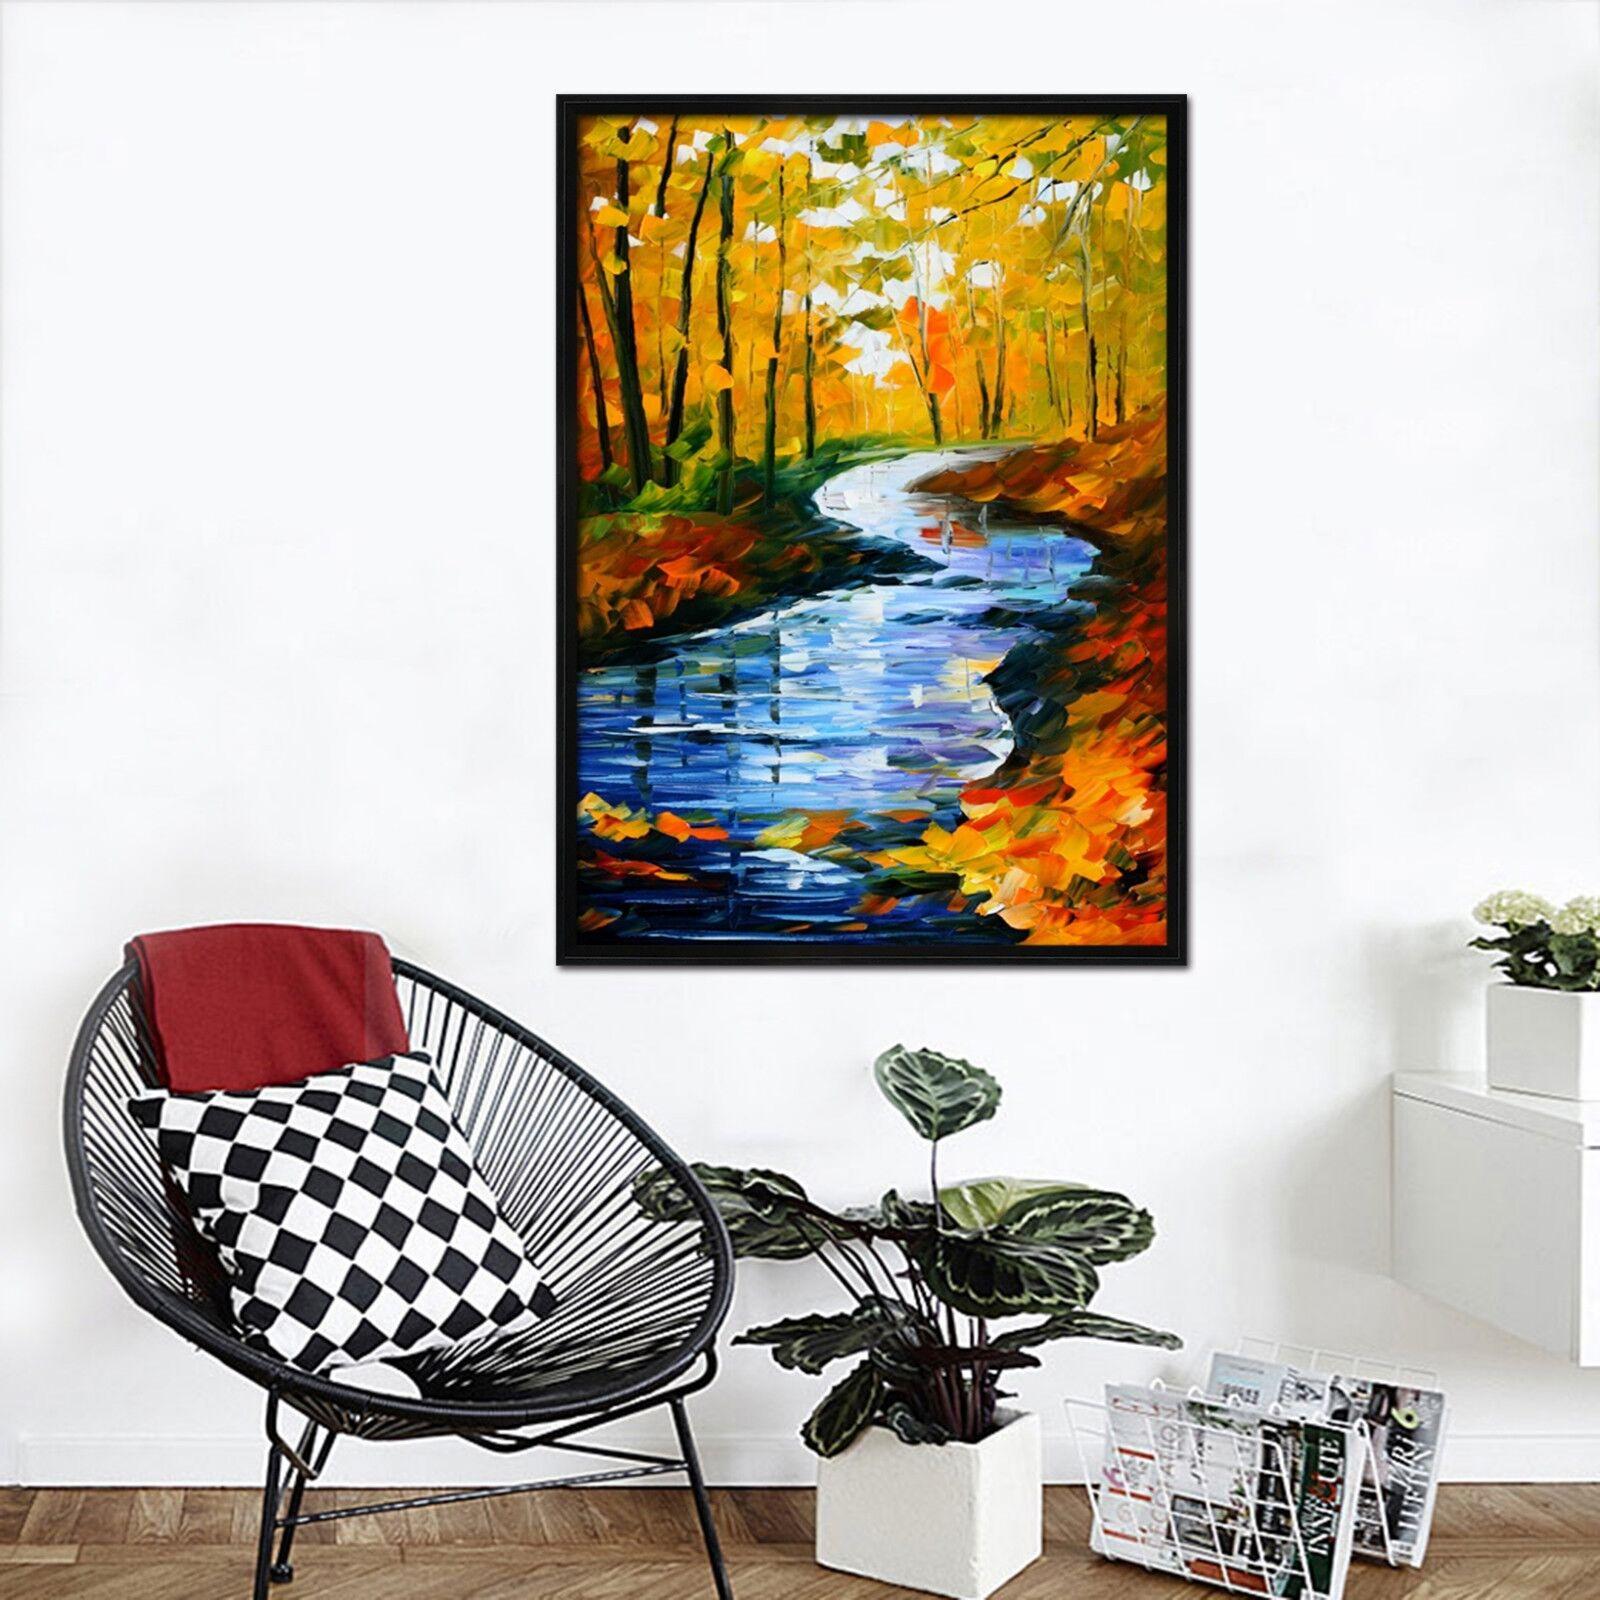 3D pintura al óleo Río 47 Enmarcado Cartel Decoración del Hogar Pintura de Impresión Arte AJ